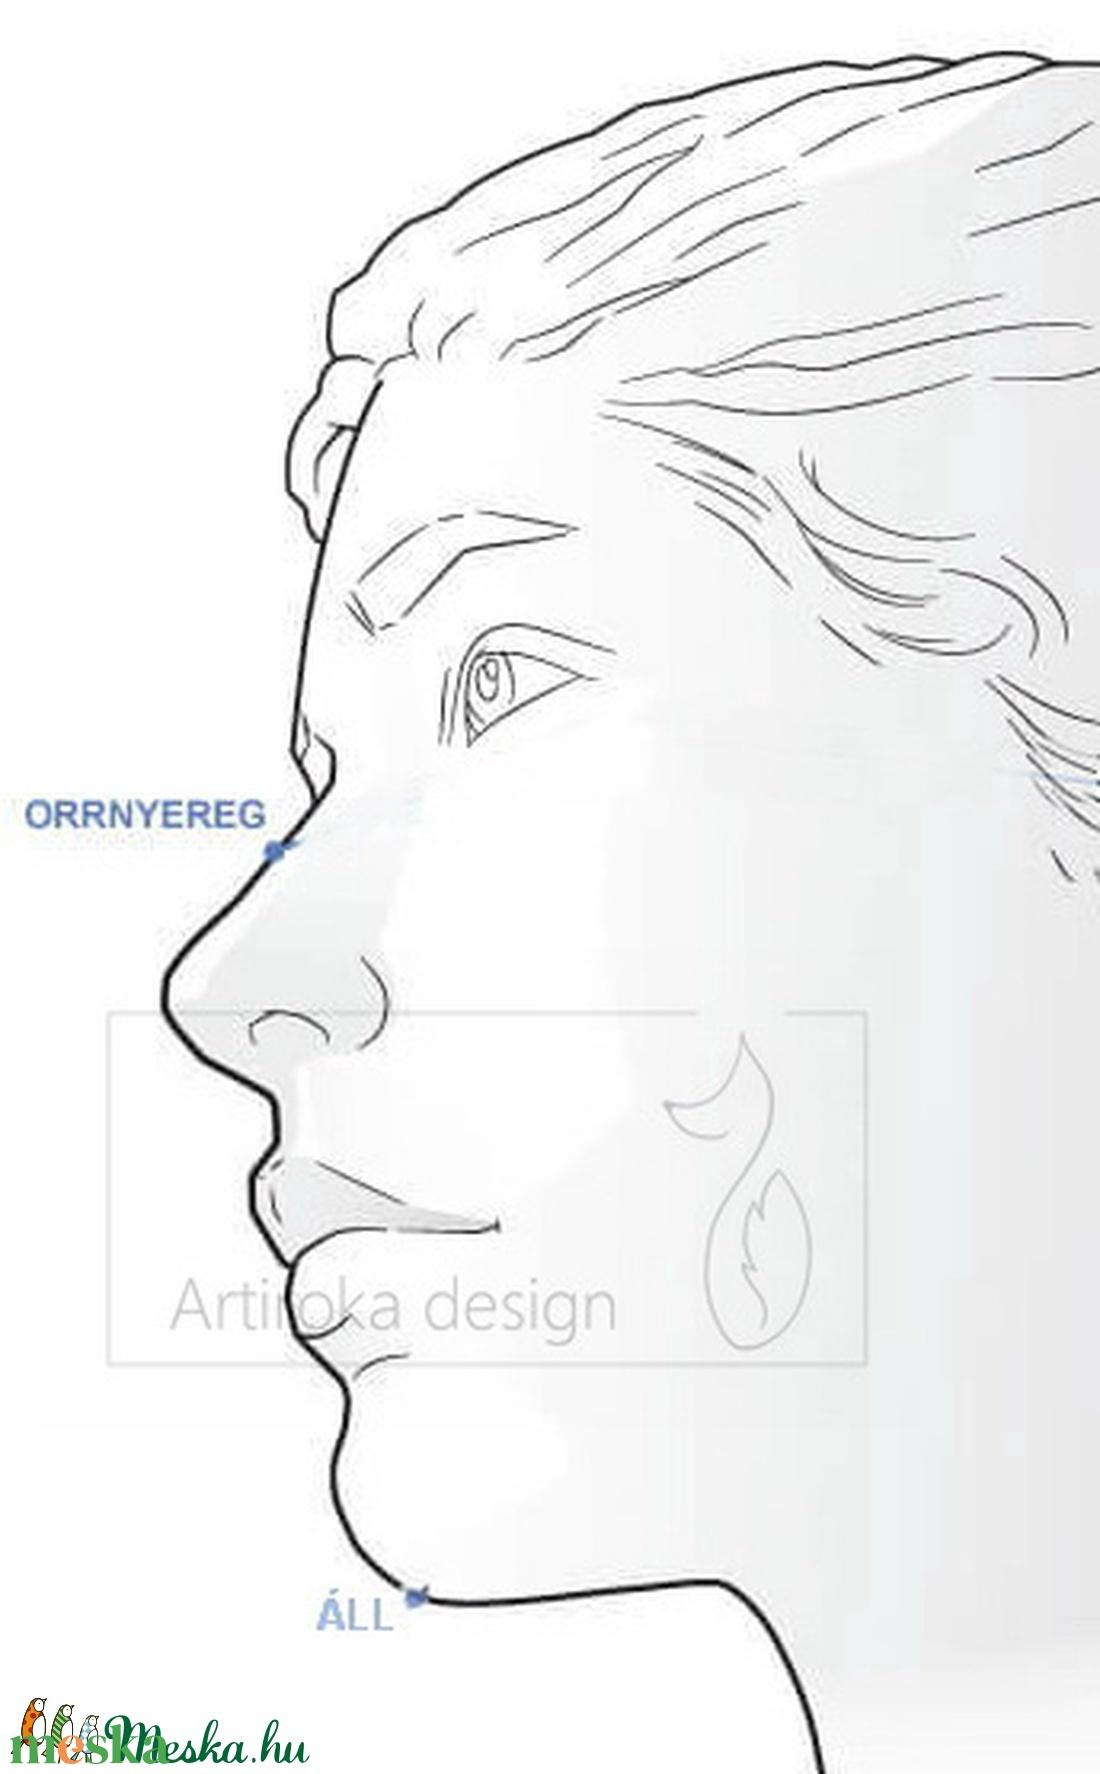 Kör a körben, vidám színes arcmaszk, szájmaszk, maszk, gyerekmaszk  - Artiroka design - maszk, arcmaszk - női - Meska.hu